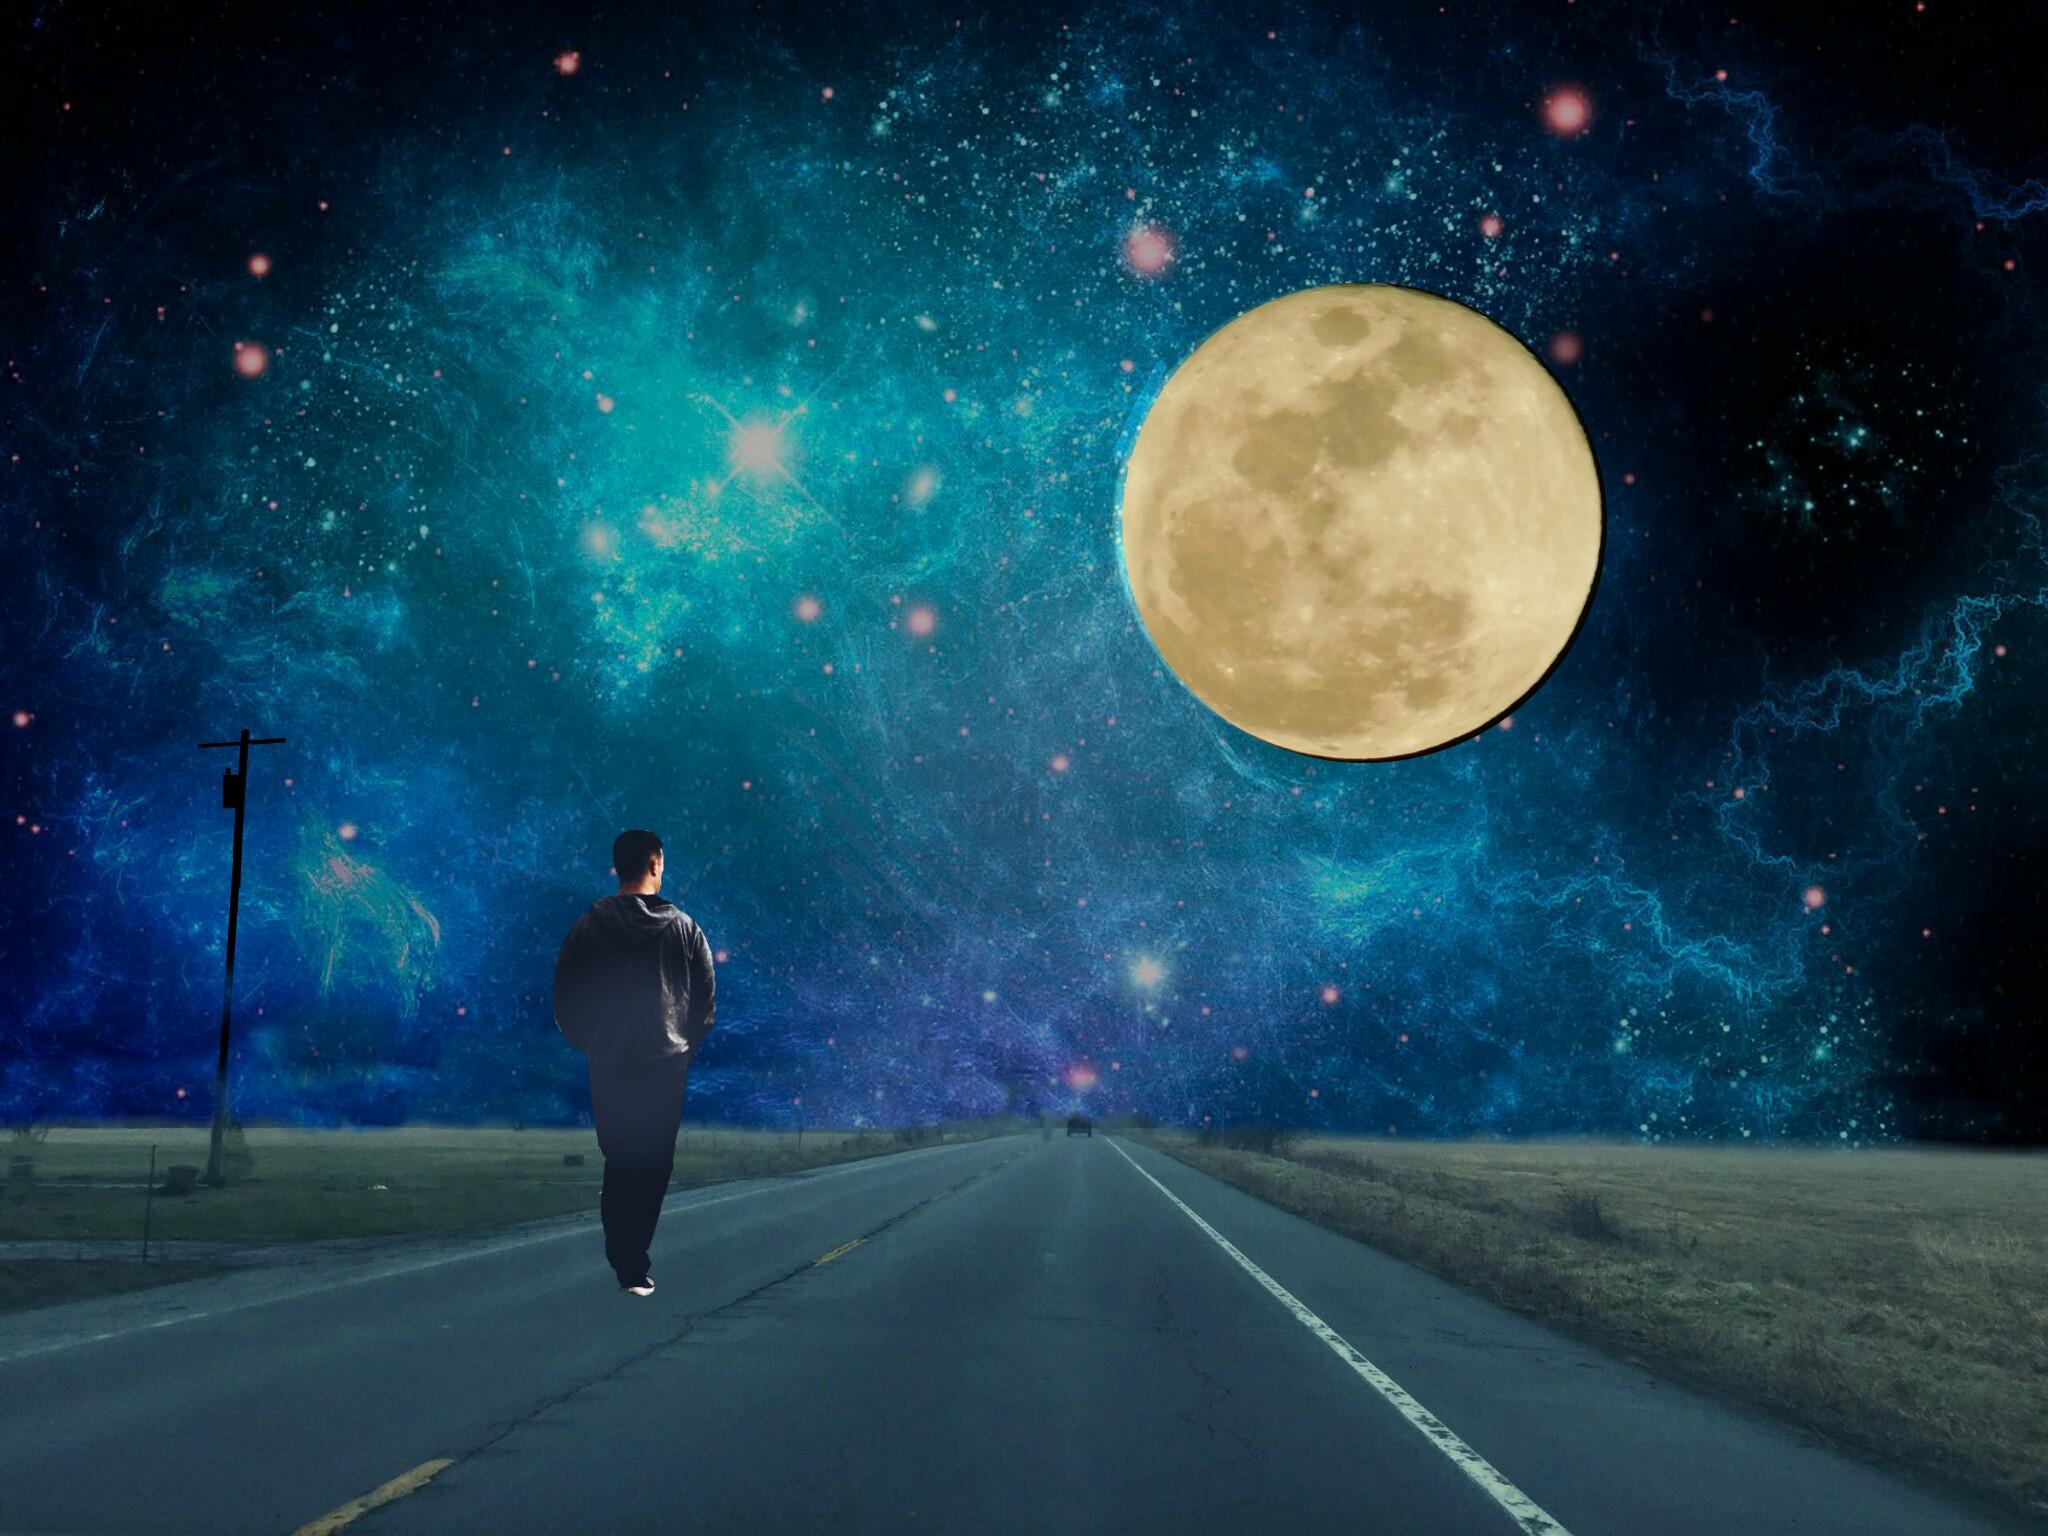 Картинки дорога под луной картинки